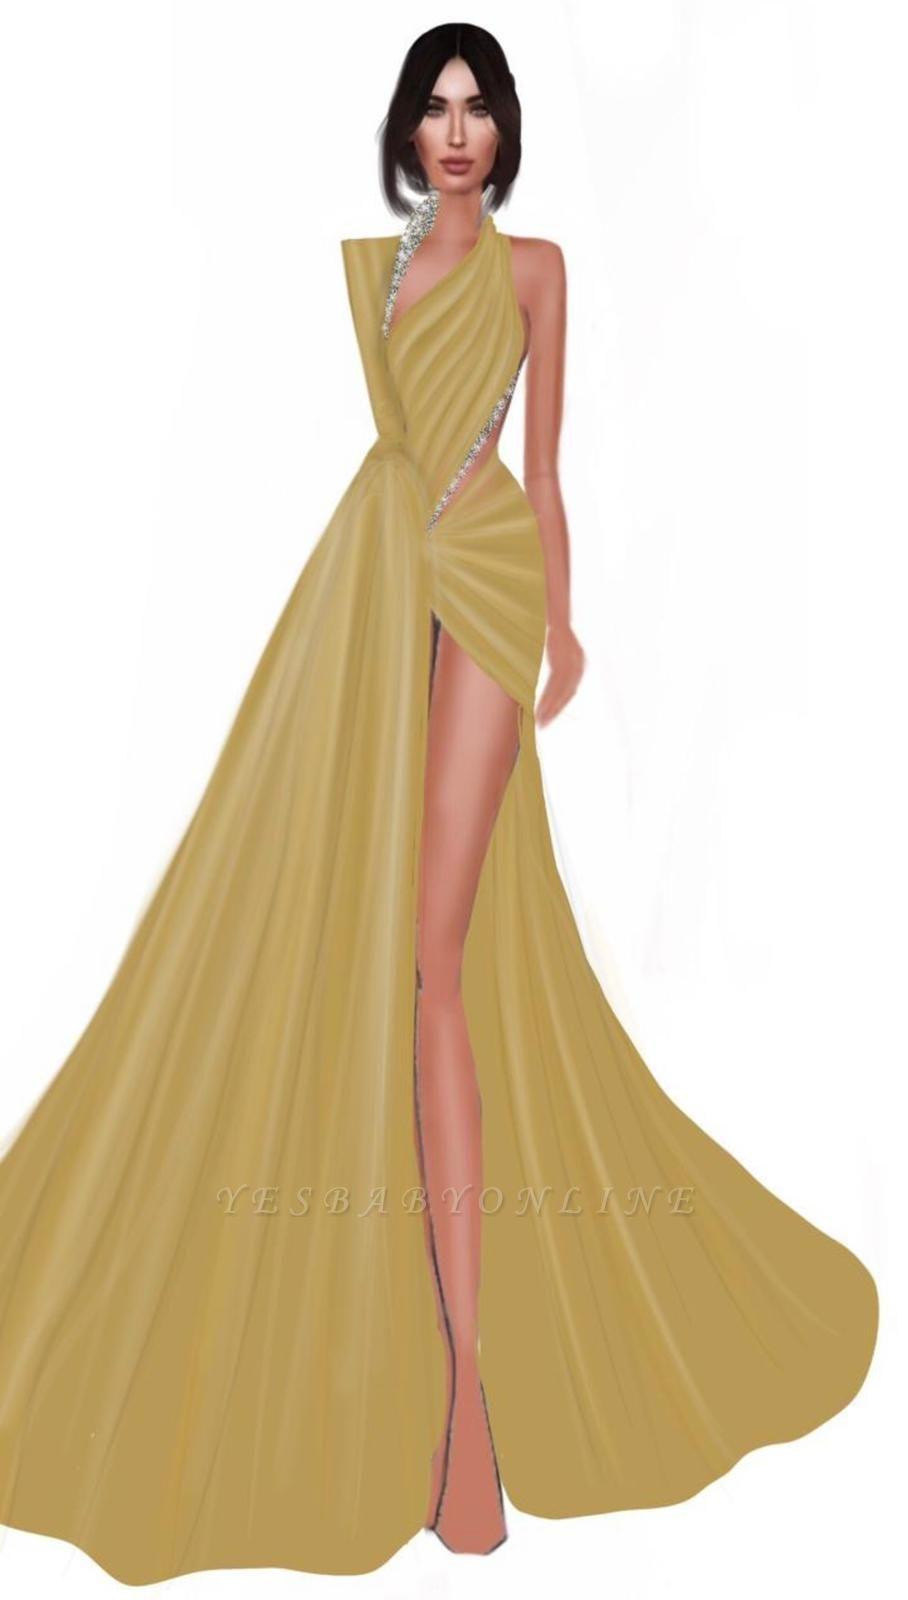 Shining V-Neck Side-Slit Mermaid Beaded Gold Prom Dresses